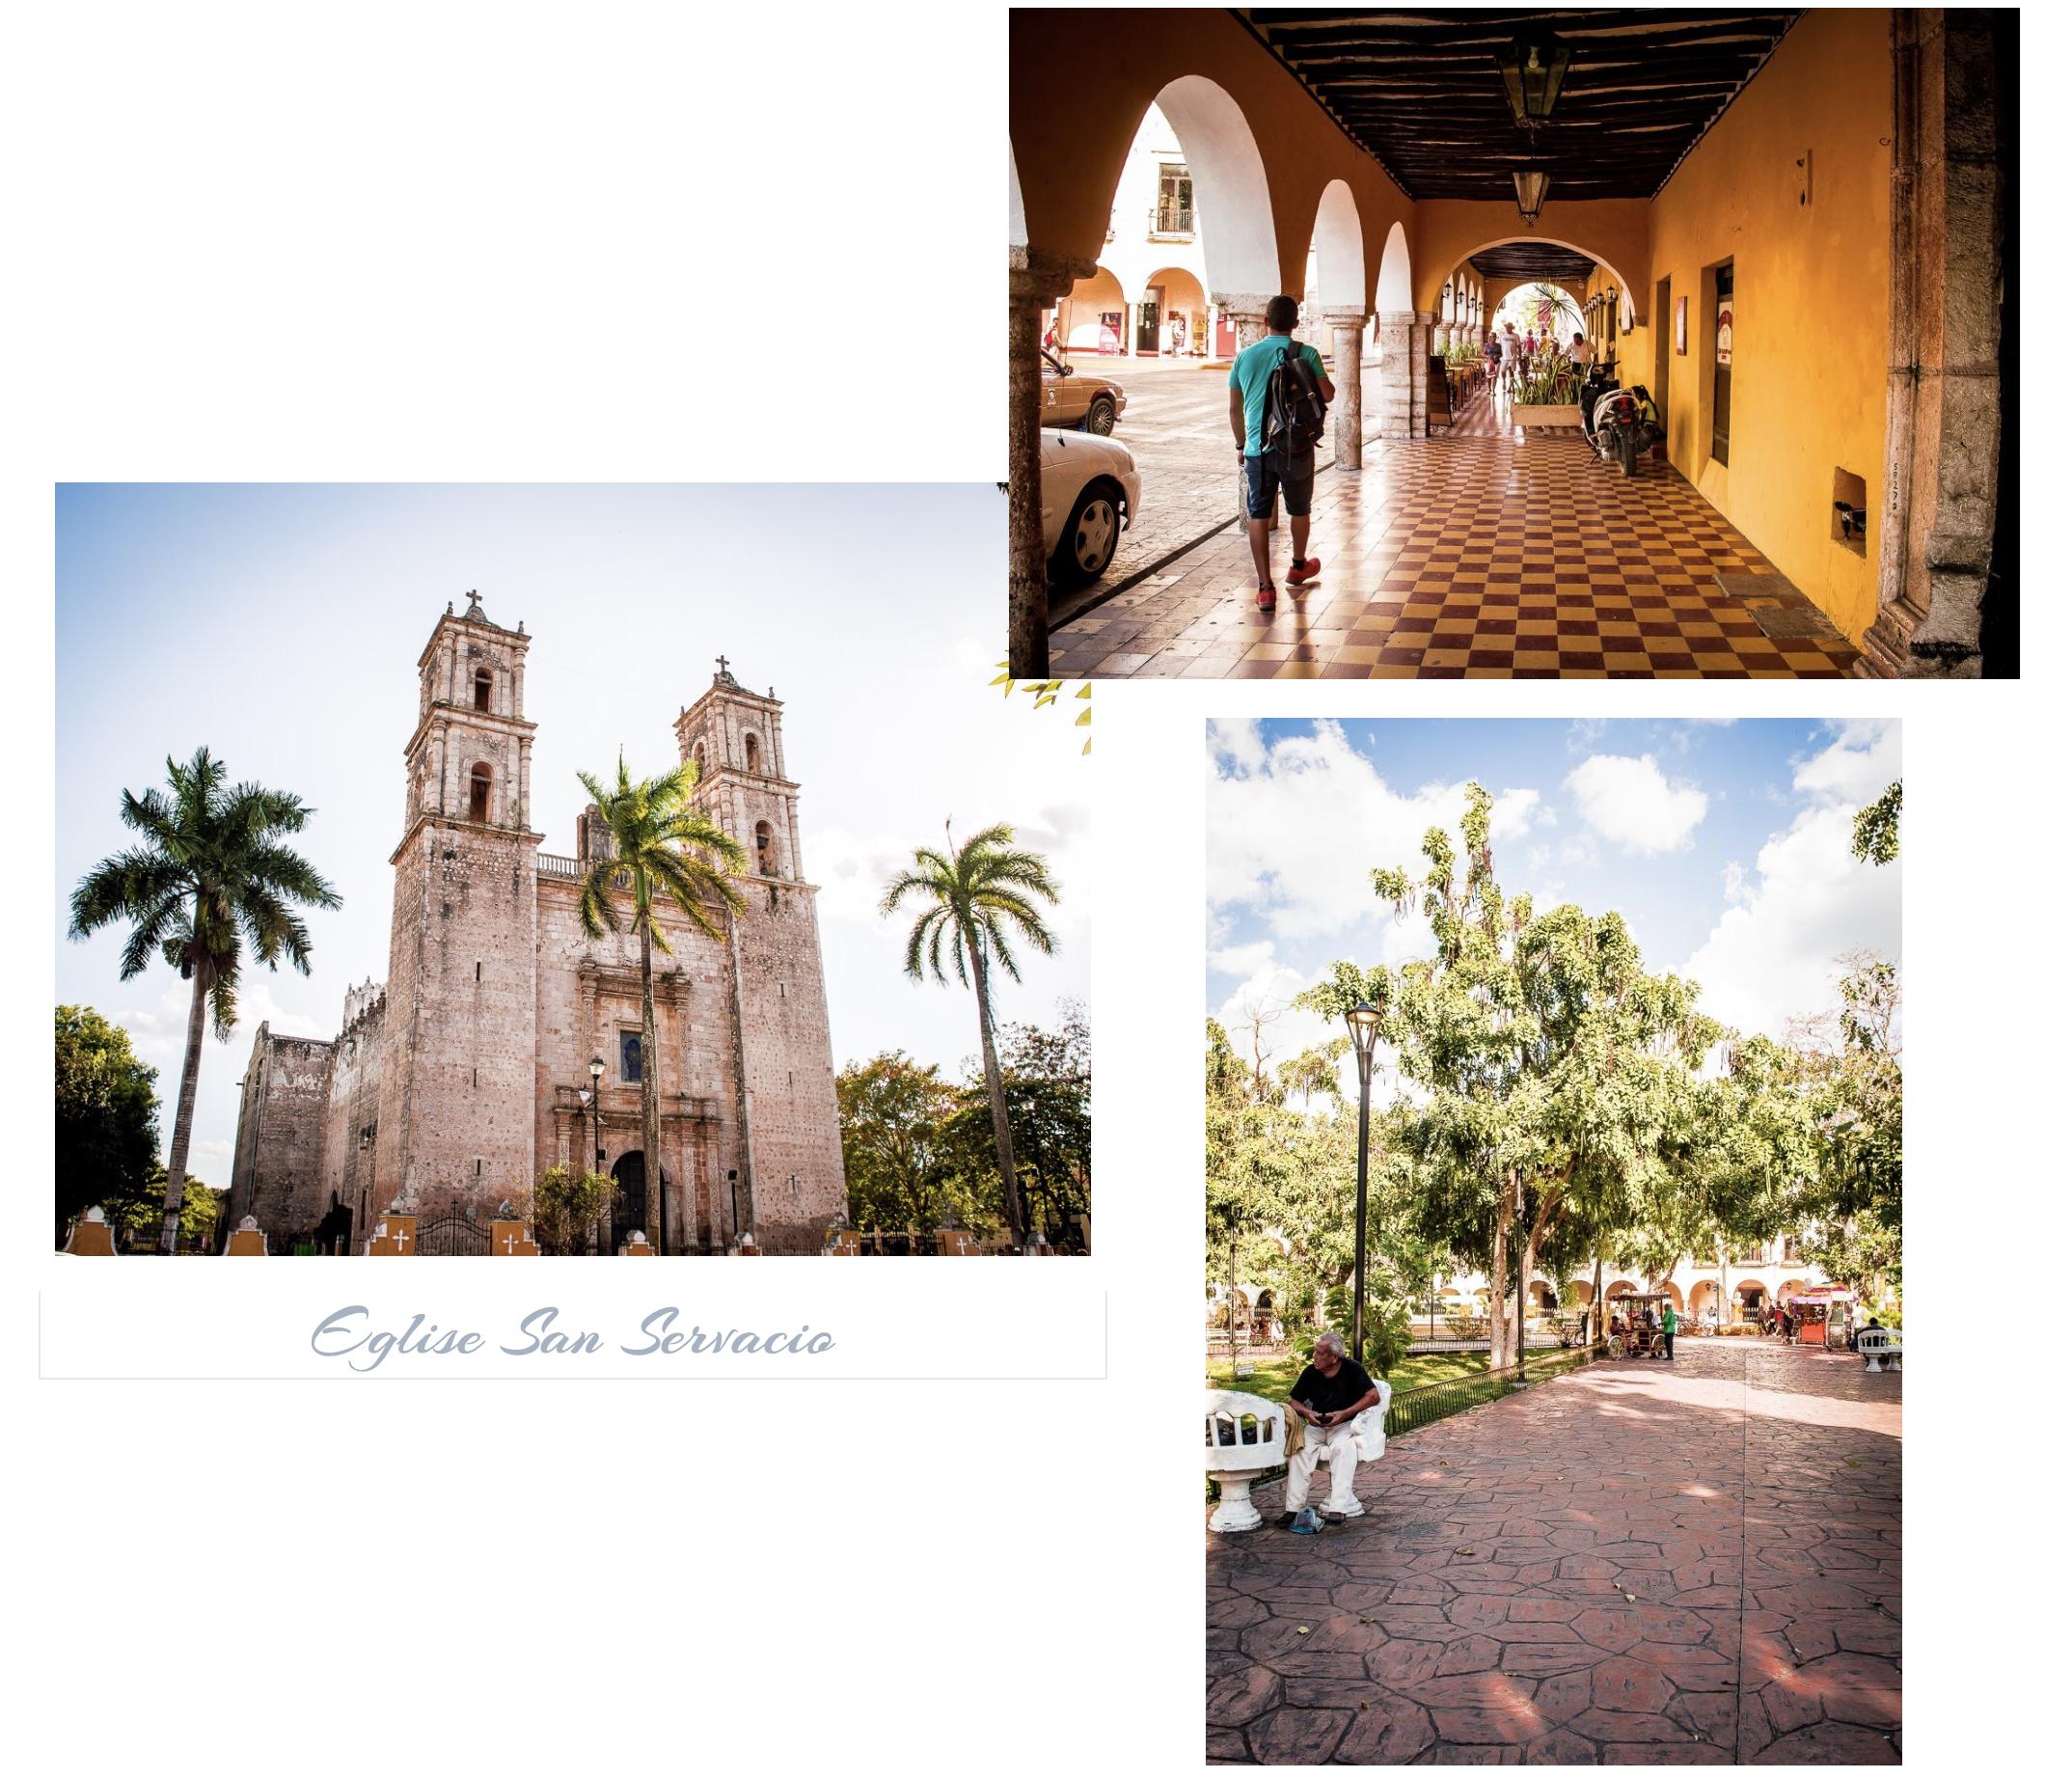 visiter l'église San Servacio de Valladolid